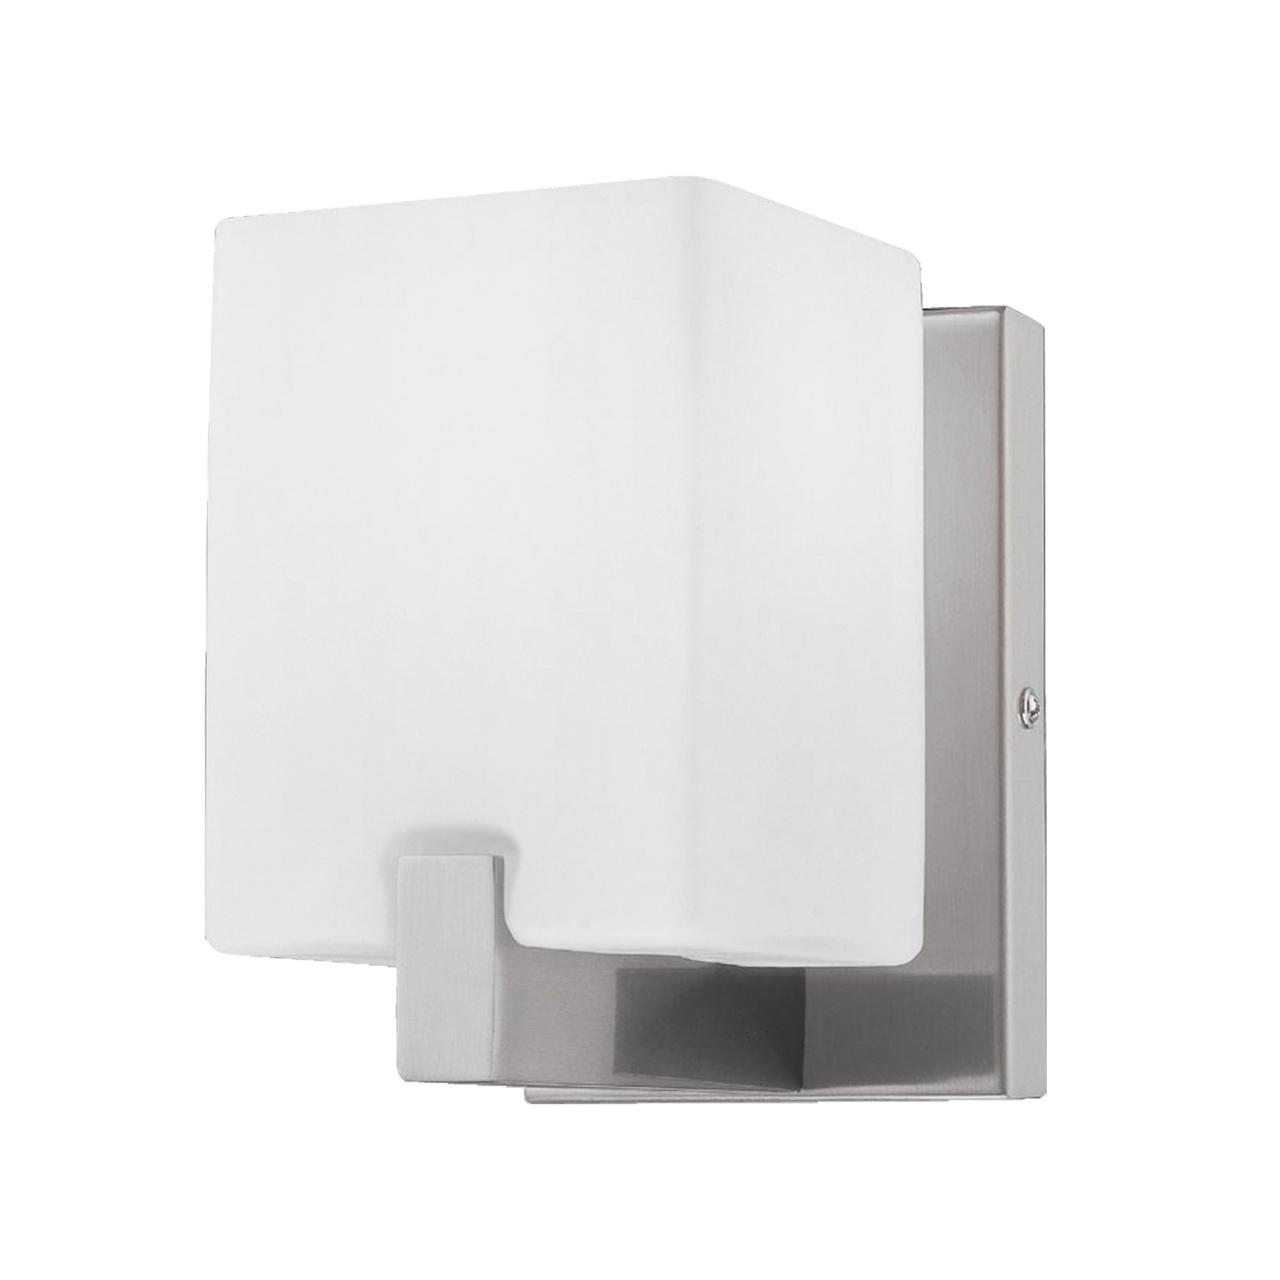 Светильник настенный Qubica 1х40W E14 13см никель / белый Lightstar 805610